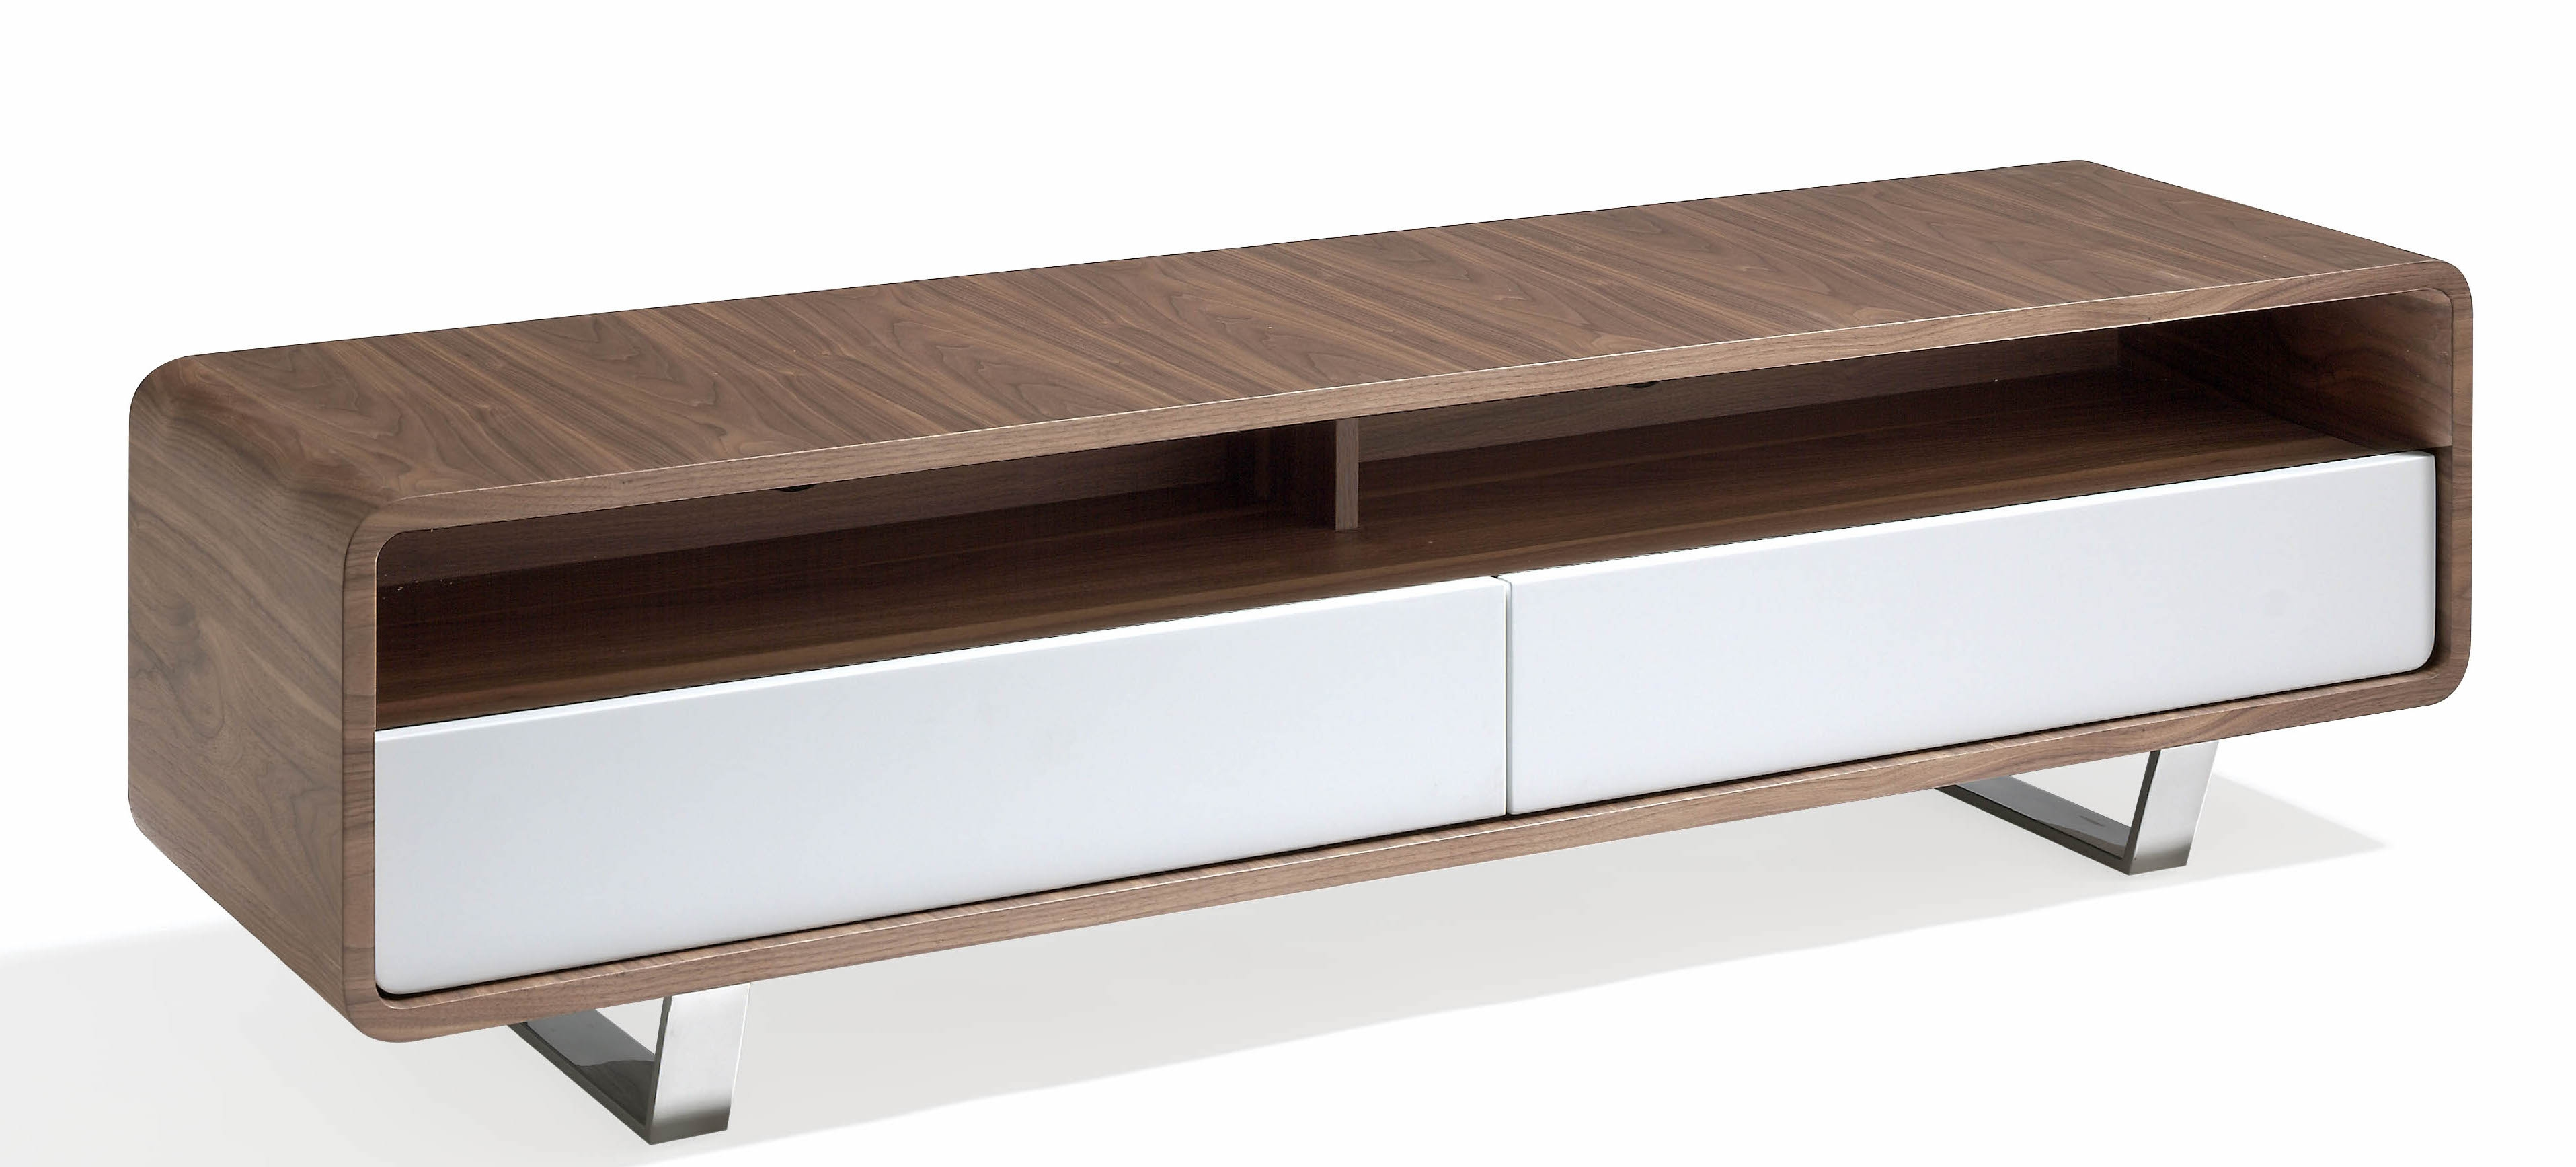 meuble tv 2 tiroirs bois noyer et laqu hena couleur blanc. Black Bedroom Furniture Sets. Home Design Ideas